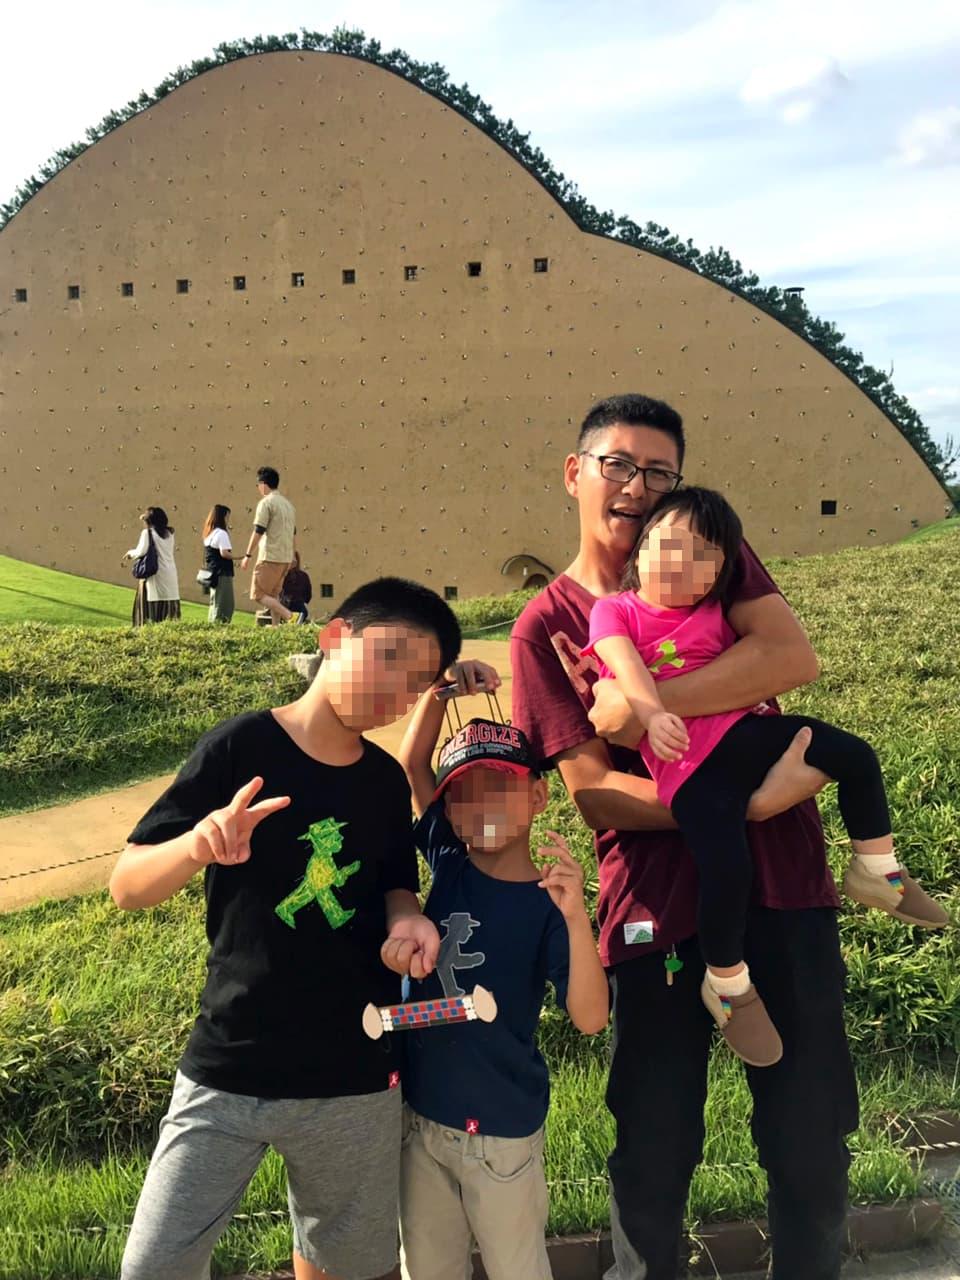 モザイクタイルミュージアム前で子ども達と一緒に映った小田の写真